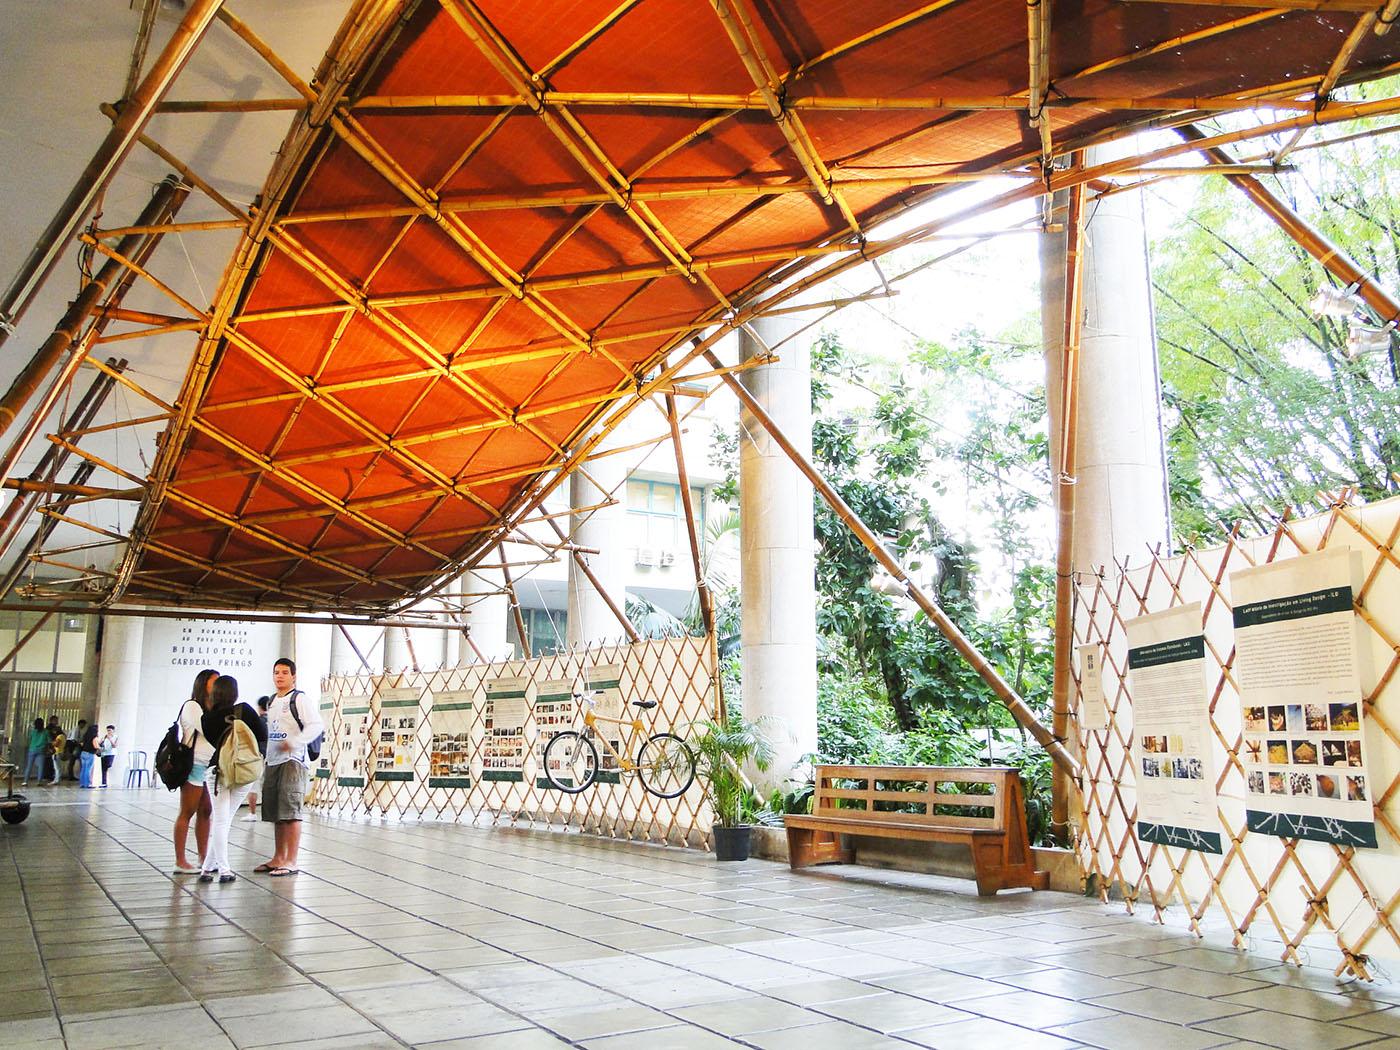 1-Exposição-Estruturas-de-Bambu-PUC-Rio-de-Janeiro.jpg